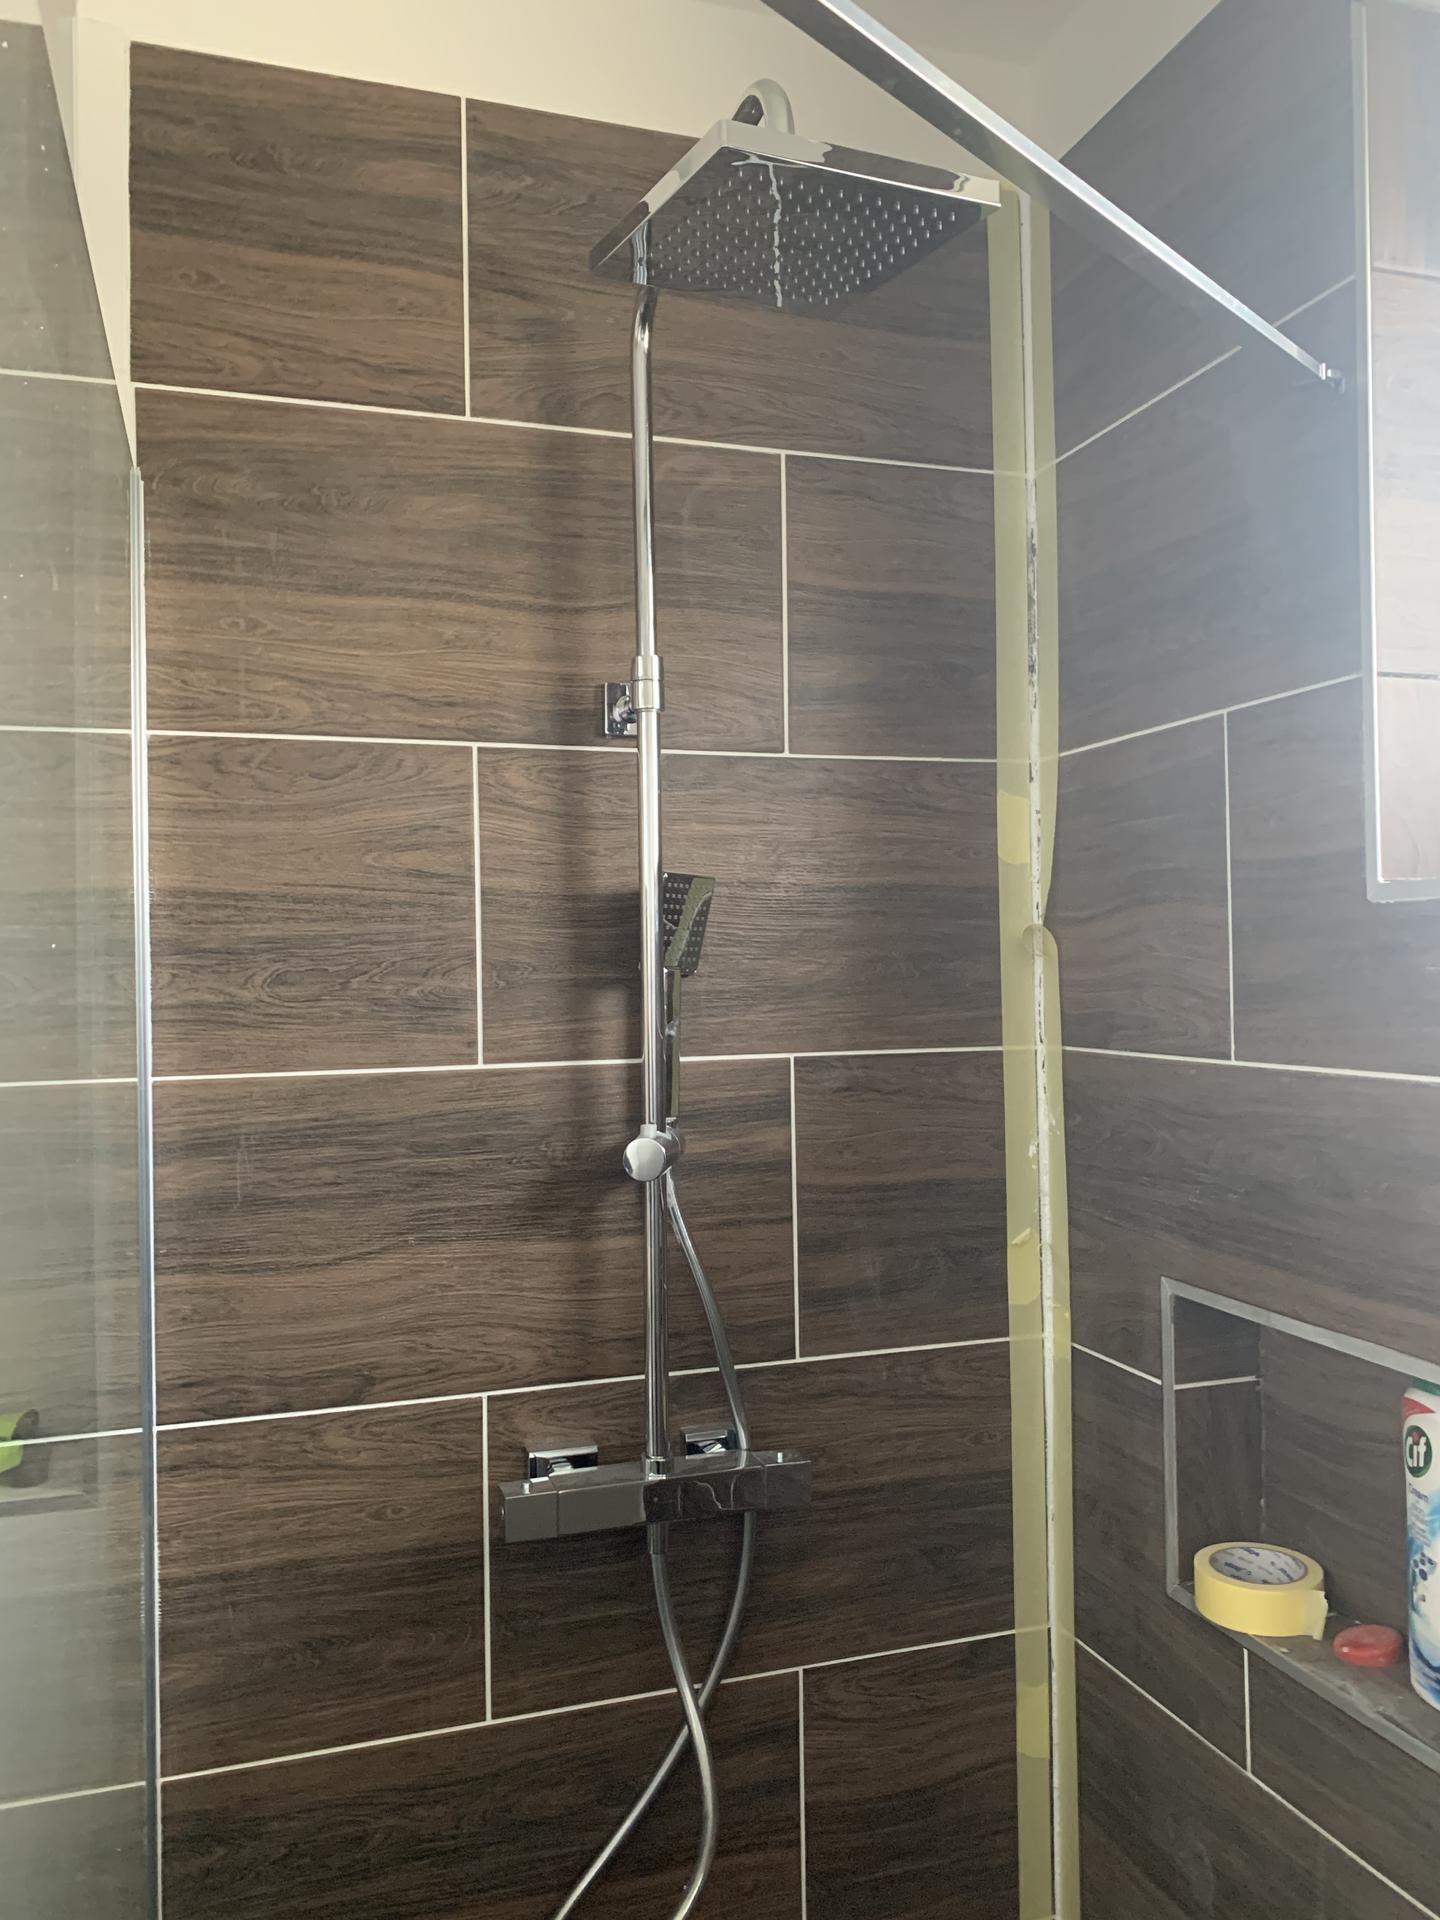 Wc a Koupelna s wc - Obrázek č. 49